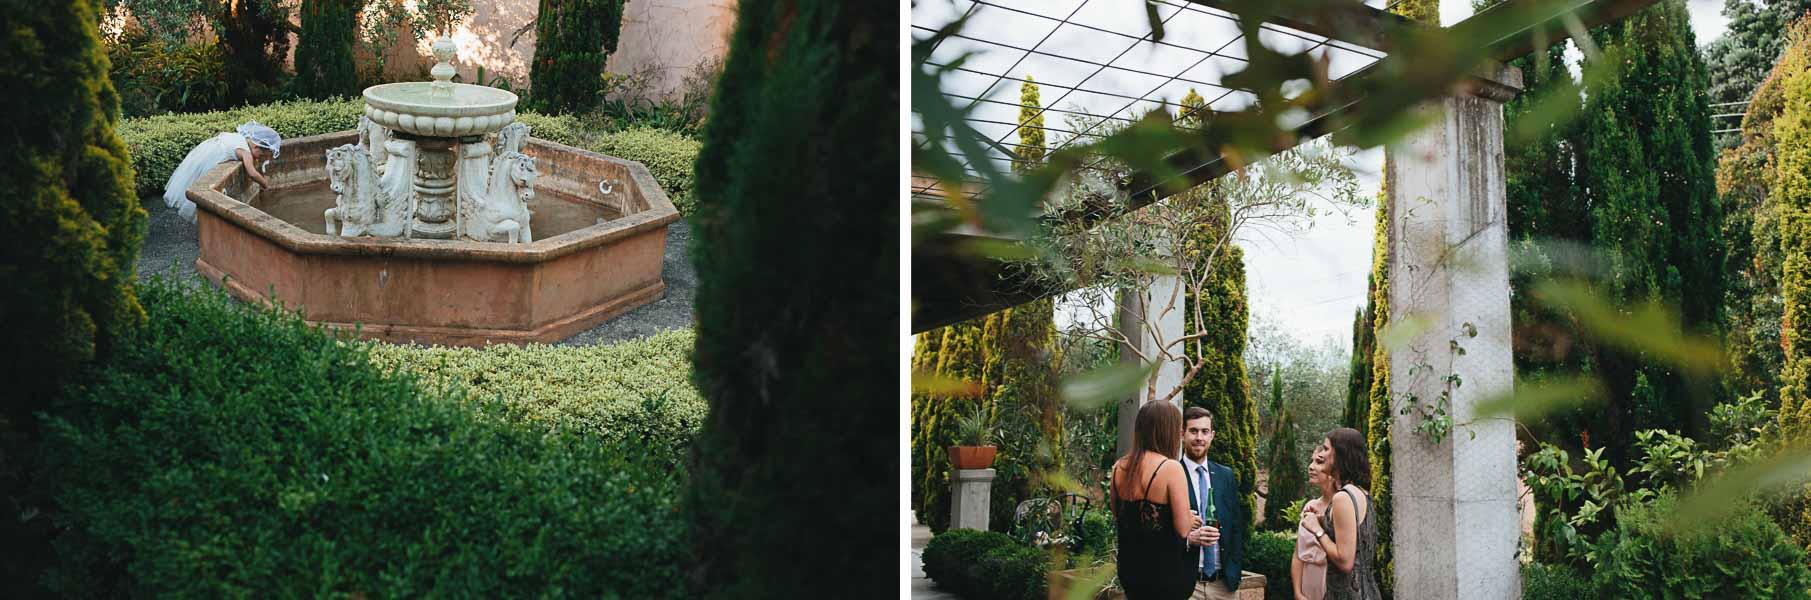 Garden wedding wellington.jpg